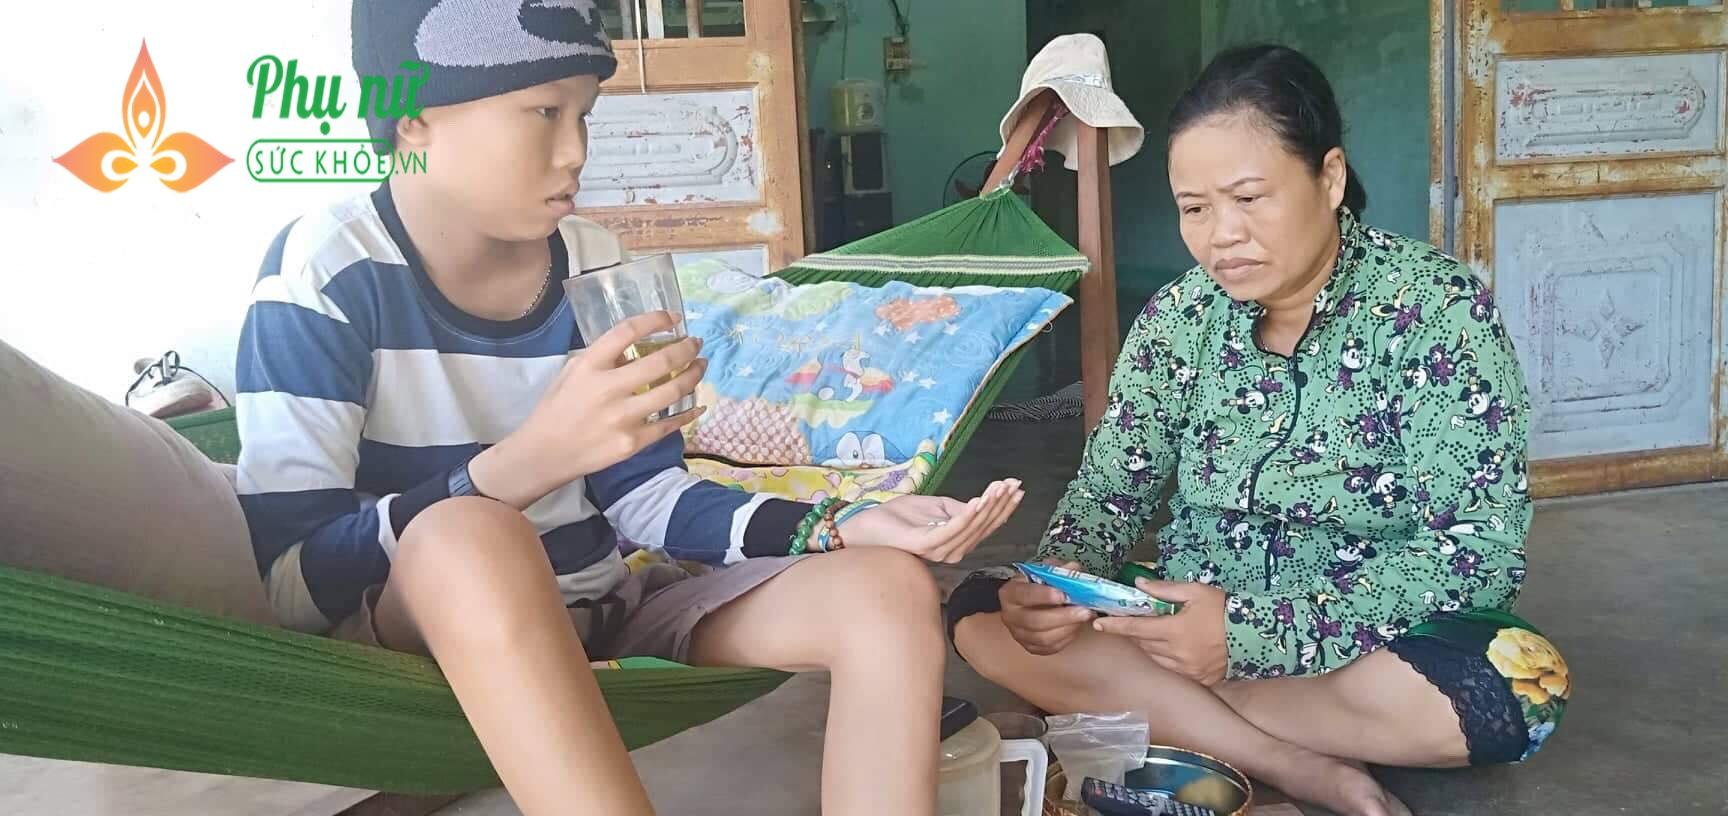 Tình cảnh nghiệt ngã của gia đình nghèo: Cha mất, mẹ bị u phổi, con mắc u não não ác tính đau đớn tột cùng - Ảnh 5